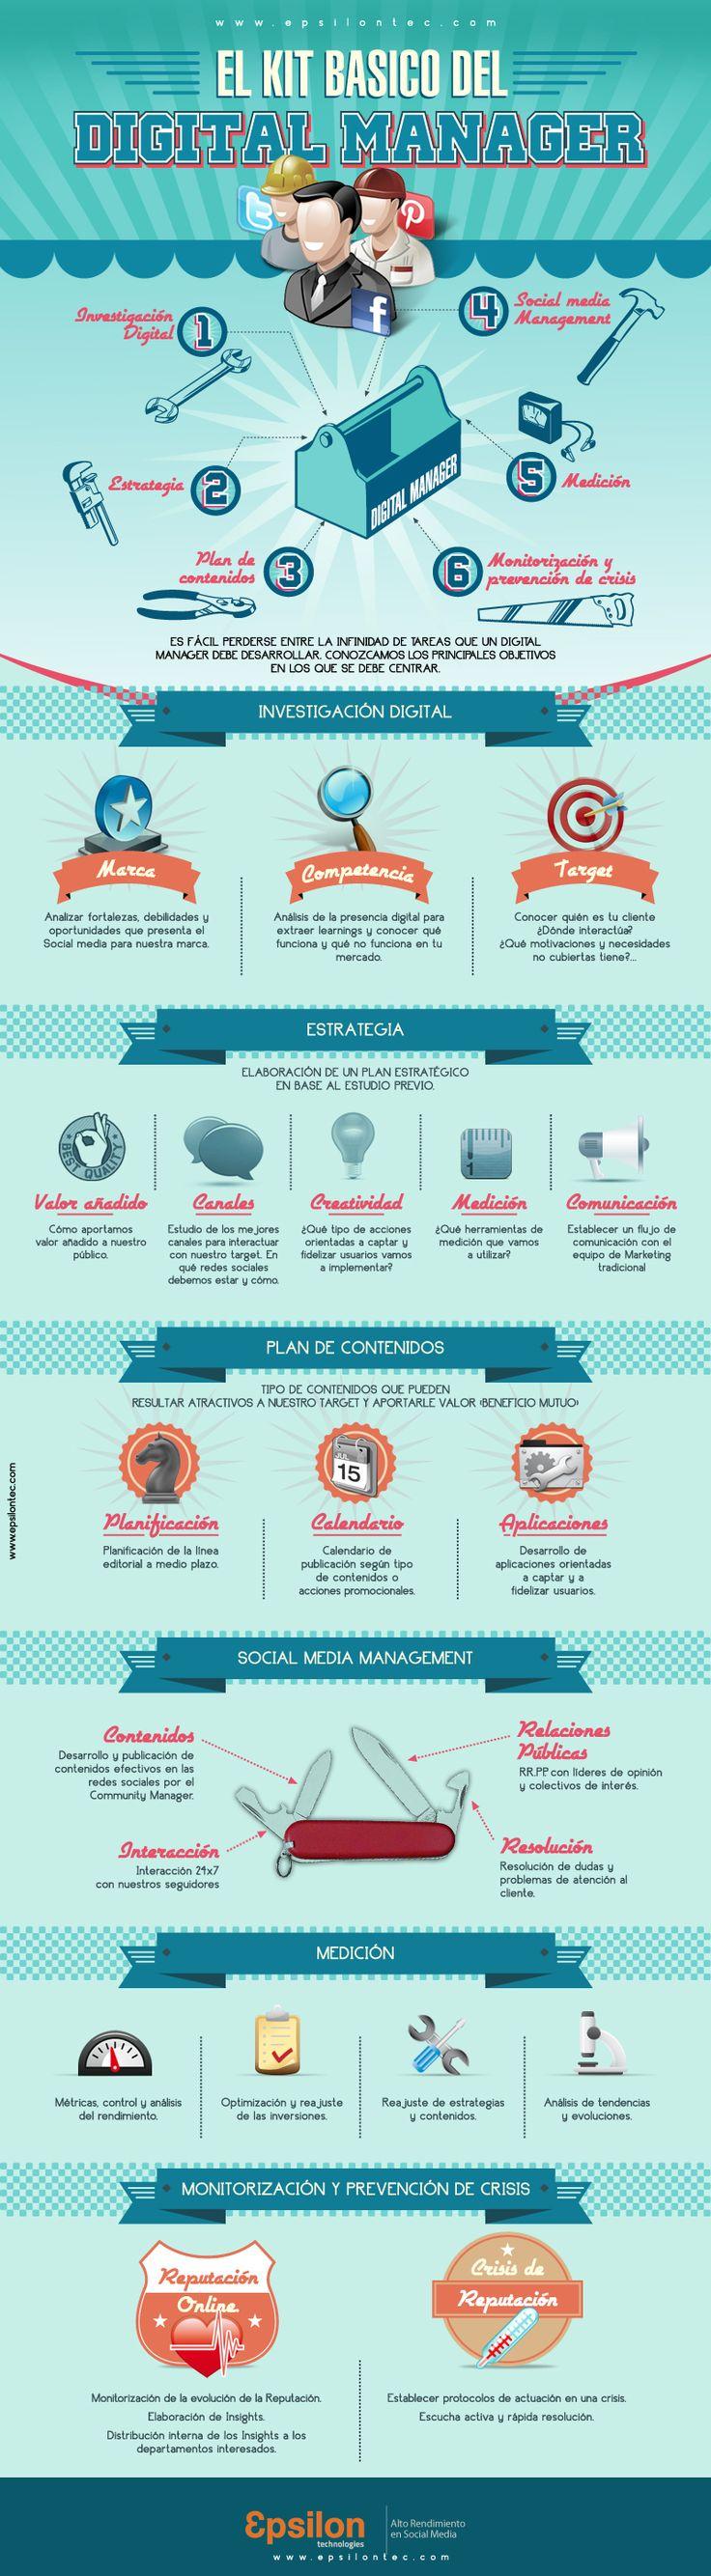 Infografía en español que muestra el kit de herramientas necesarias para un #CommunityManager